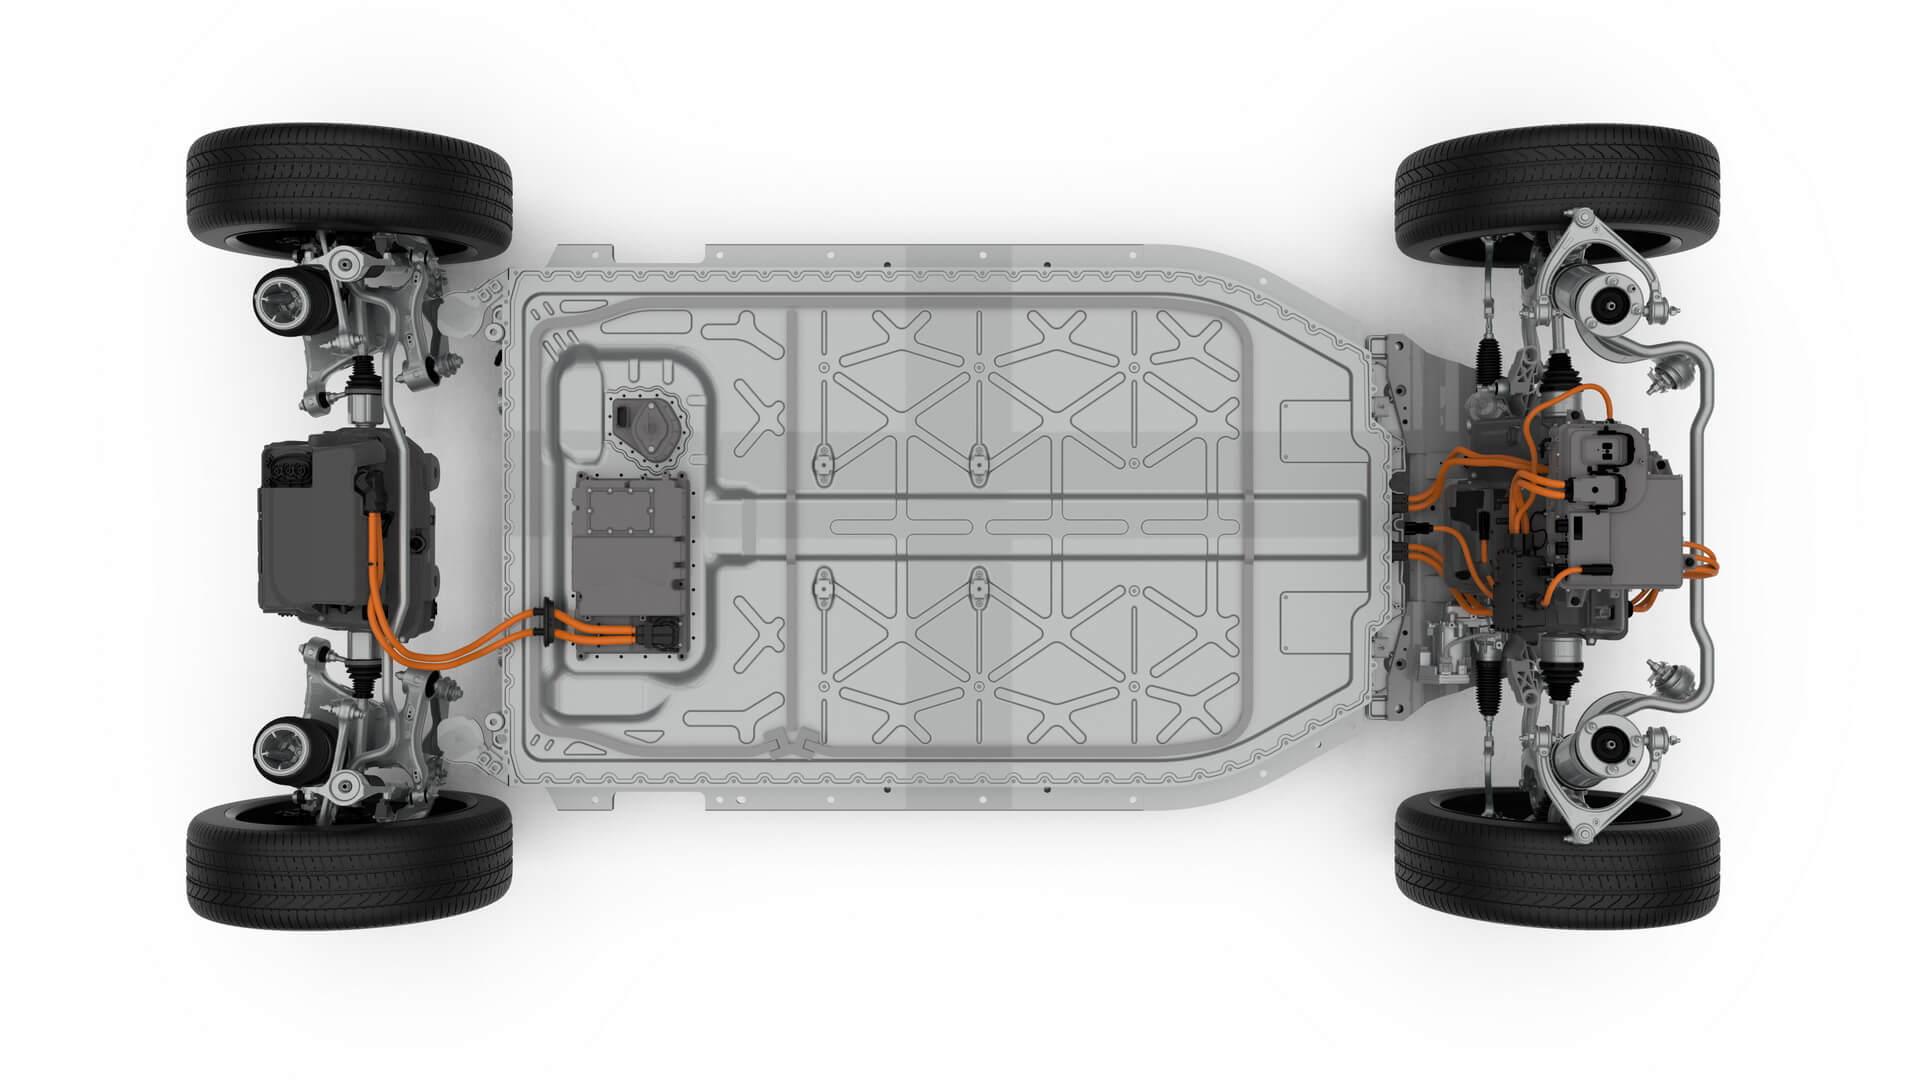 Силовая установка и батарейный блок Jaguar I-Pace